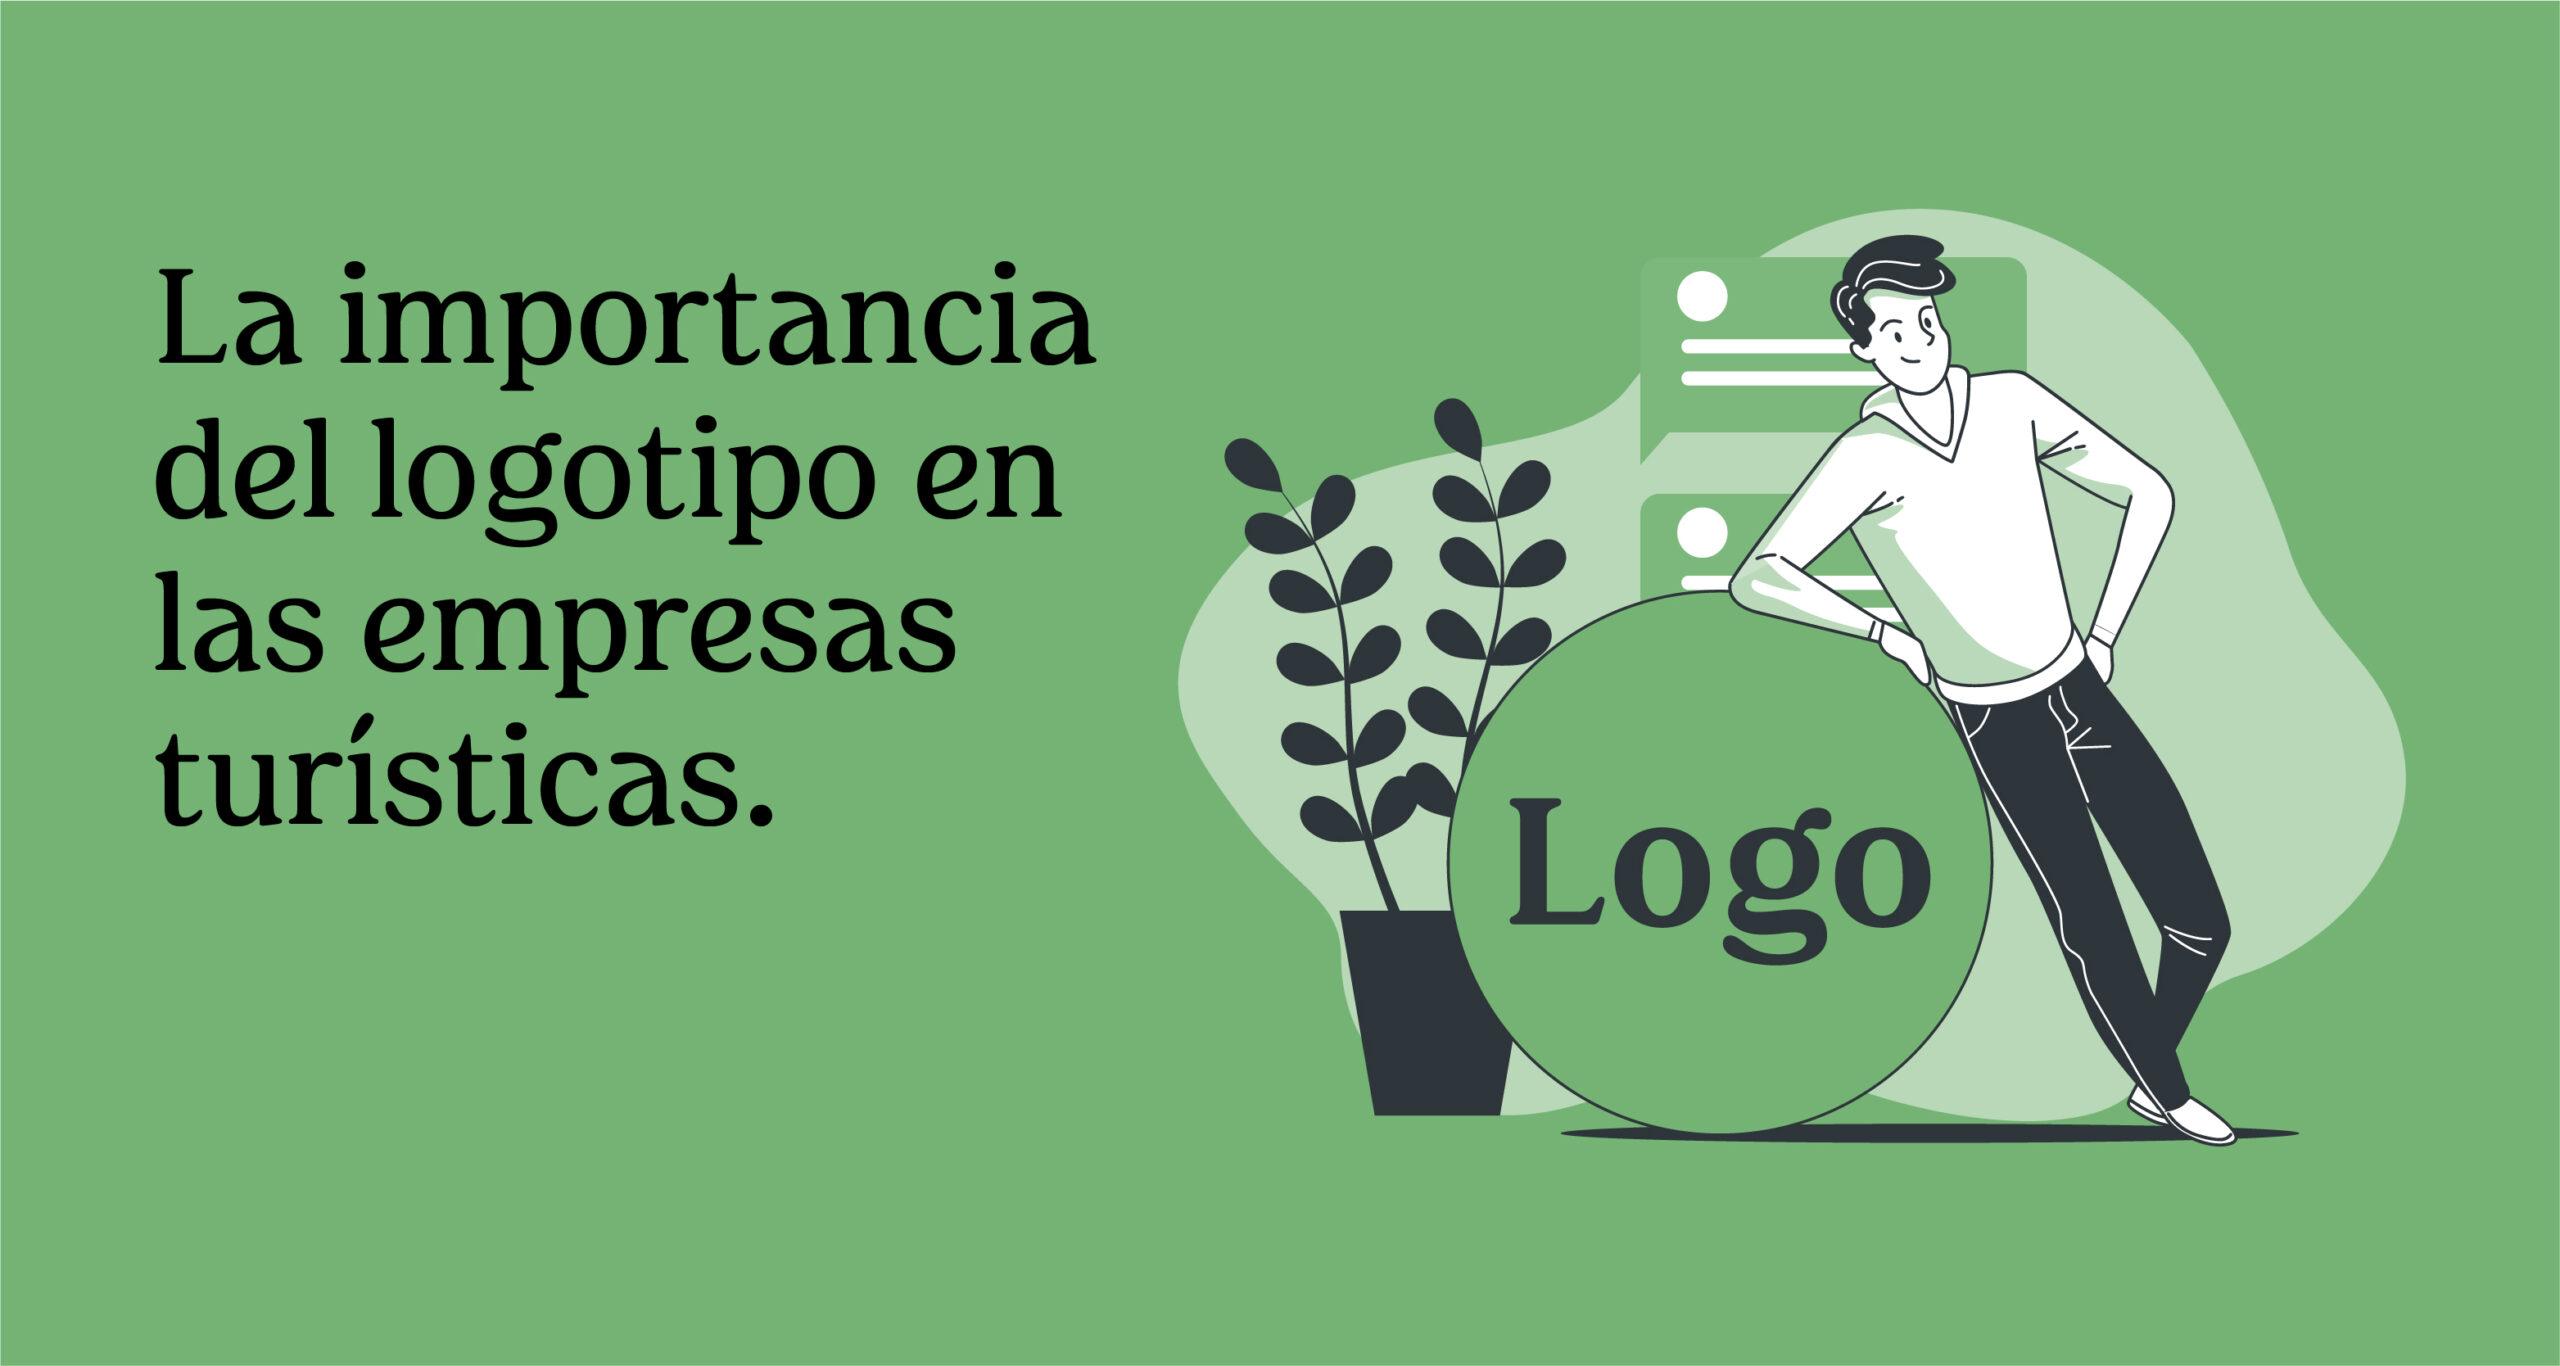 La importancia del logotipo en las empresas turísticas